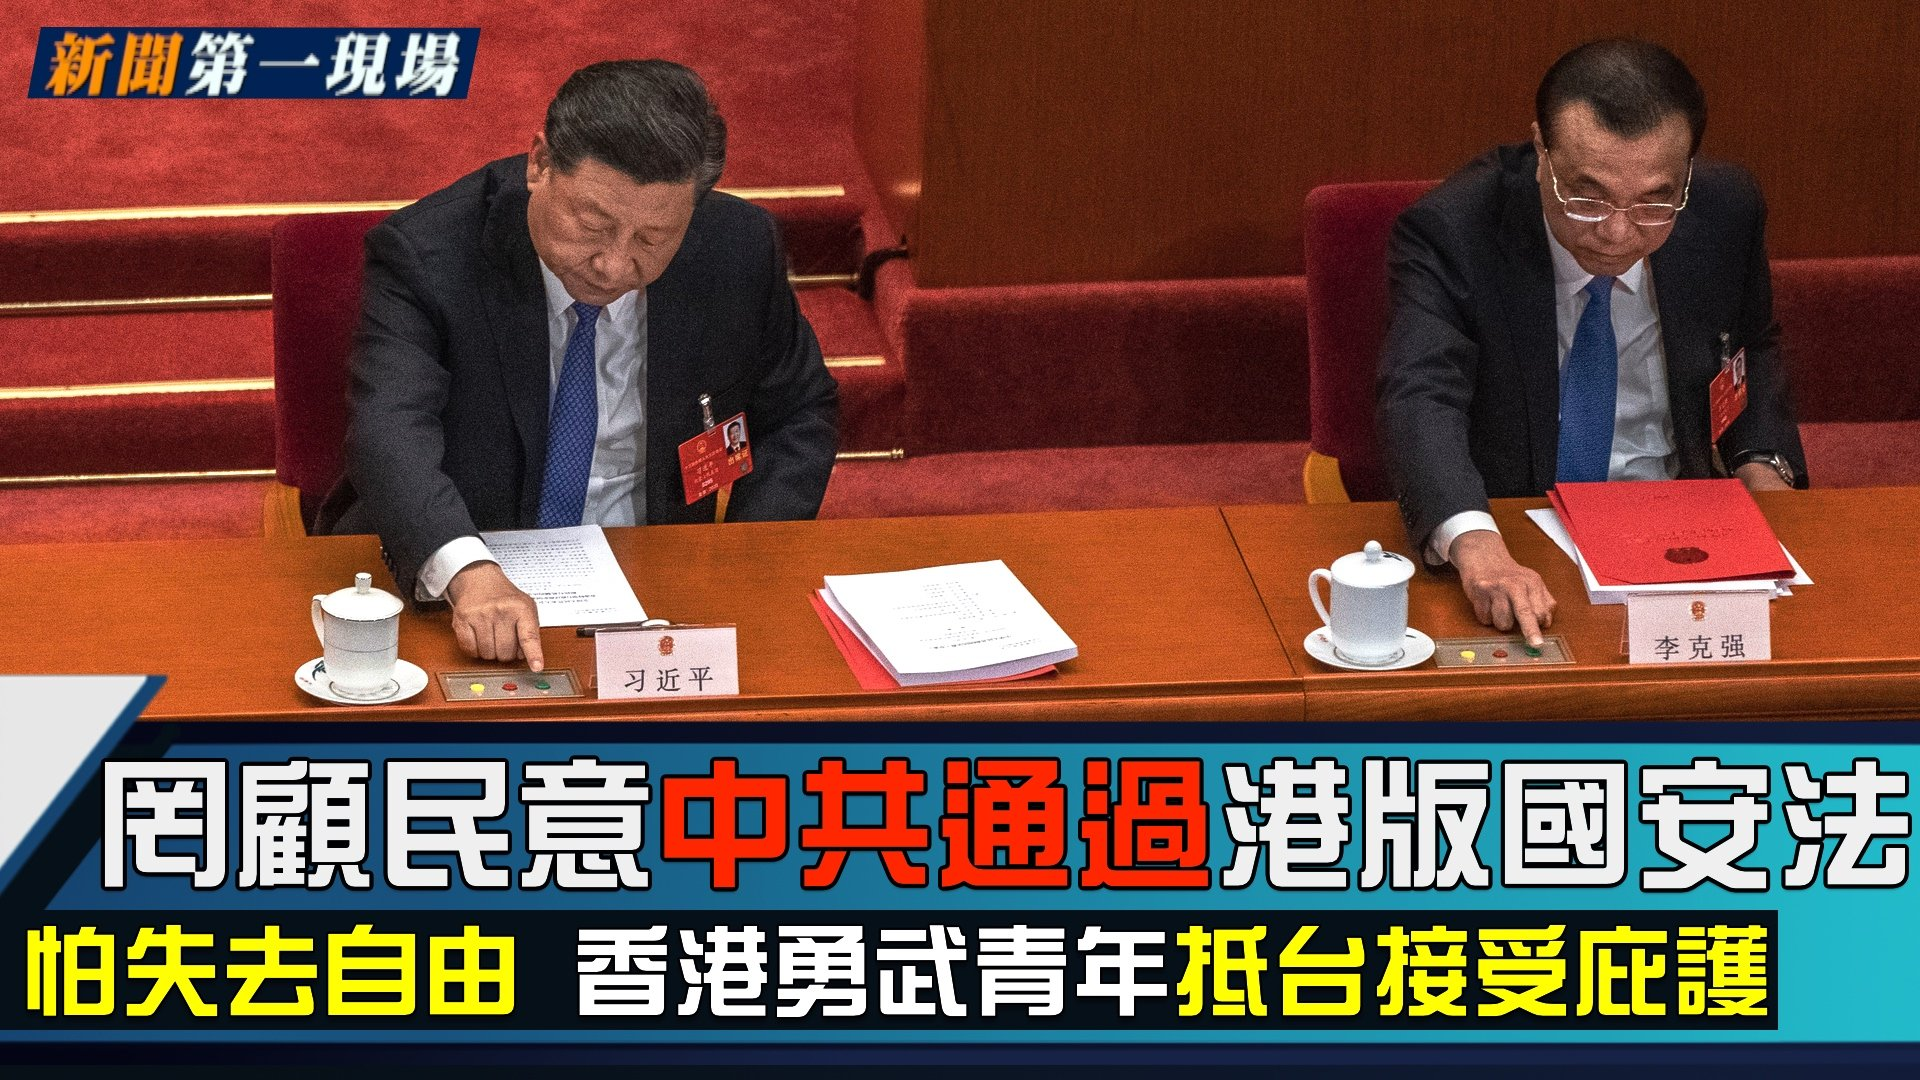 【新聞第一現場】香港國安法通過 下一步台灣? 歡迎走進本期「新聞第一現場」。(新唐人)